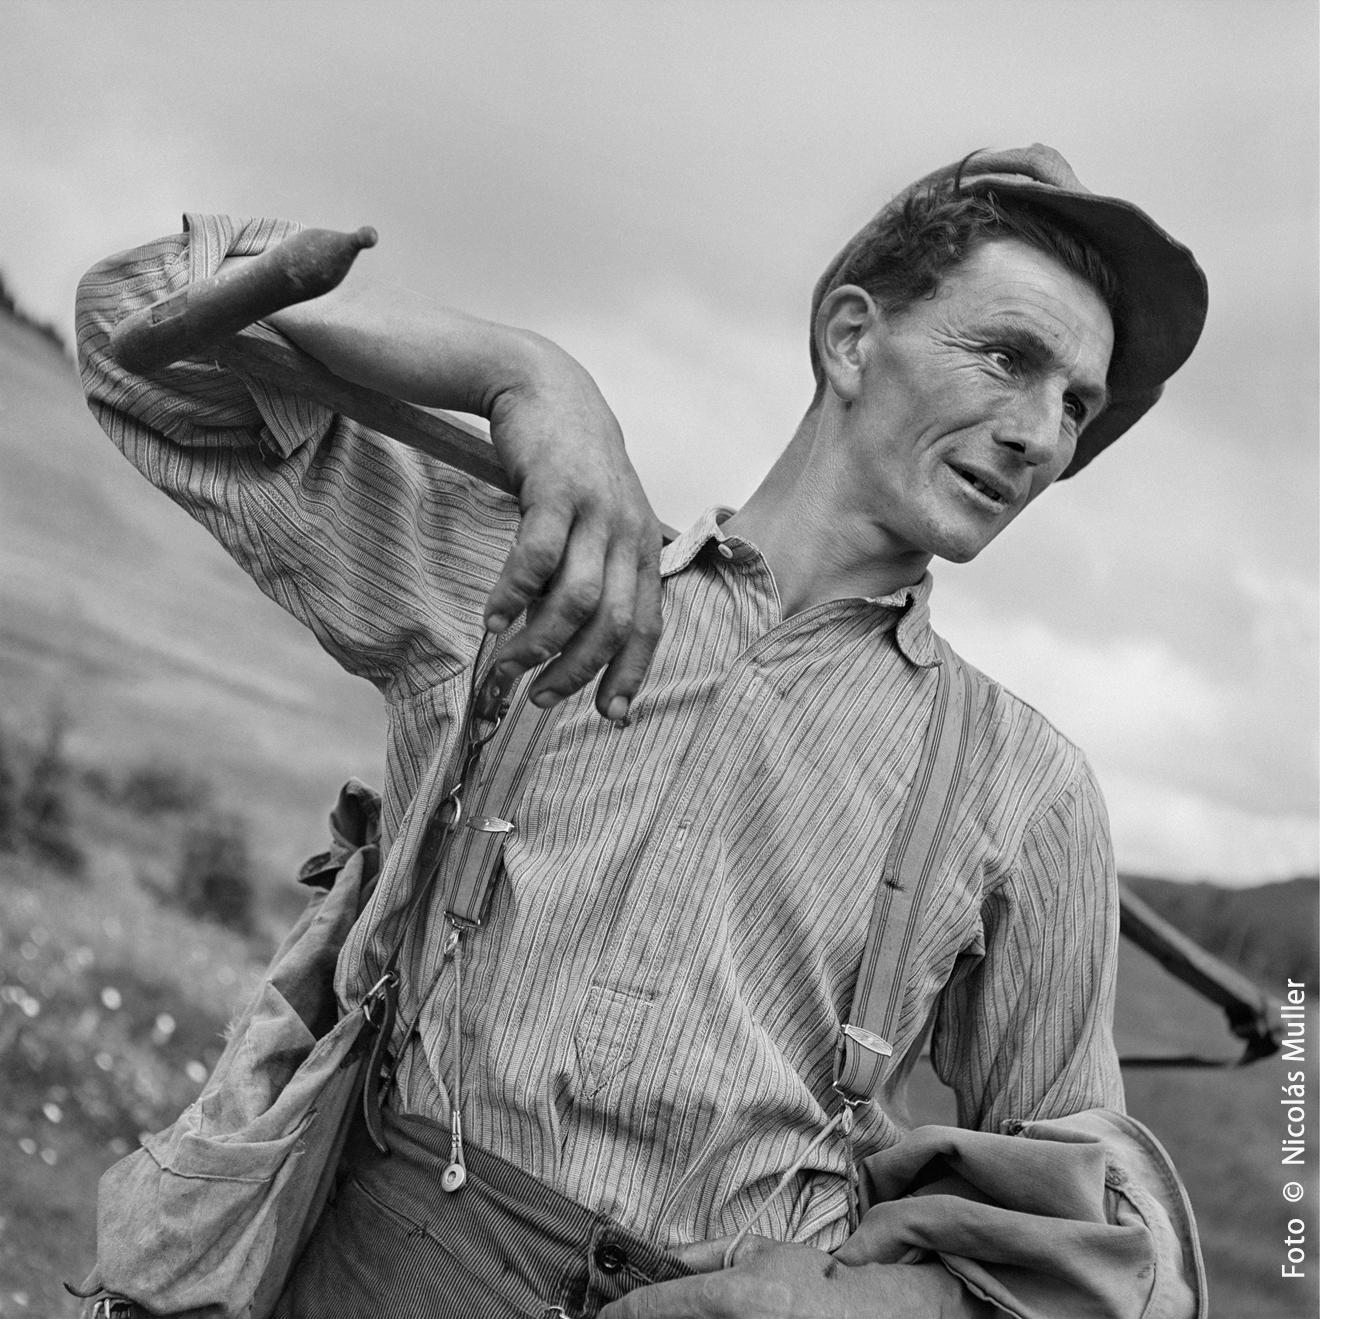 Campesino de la Alta Saboya 1938